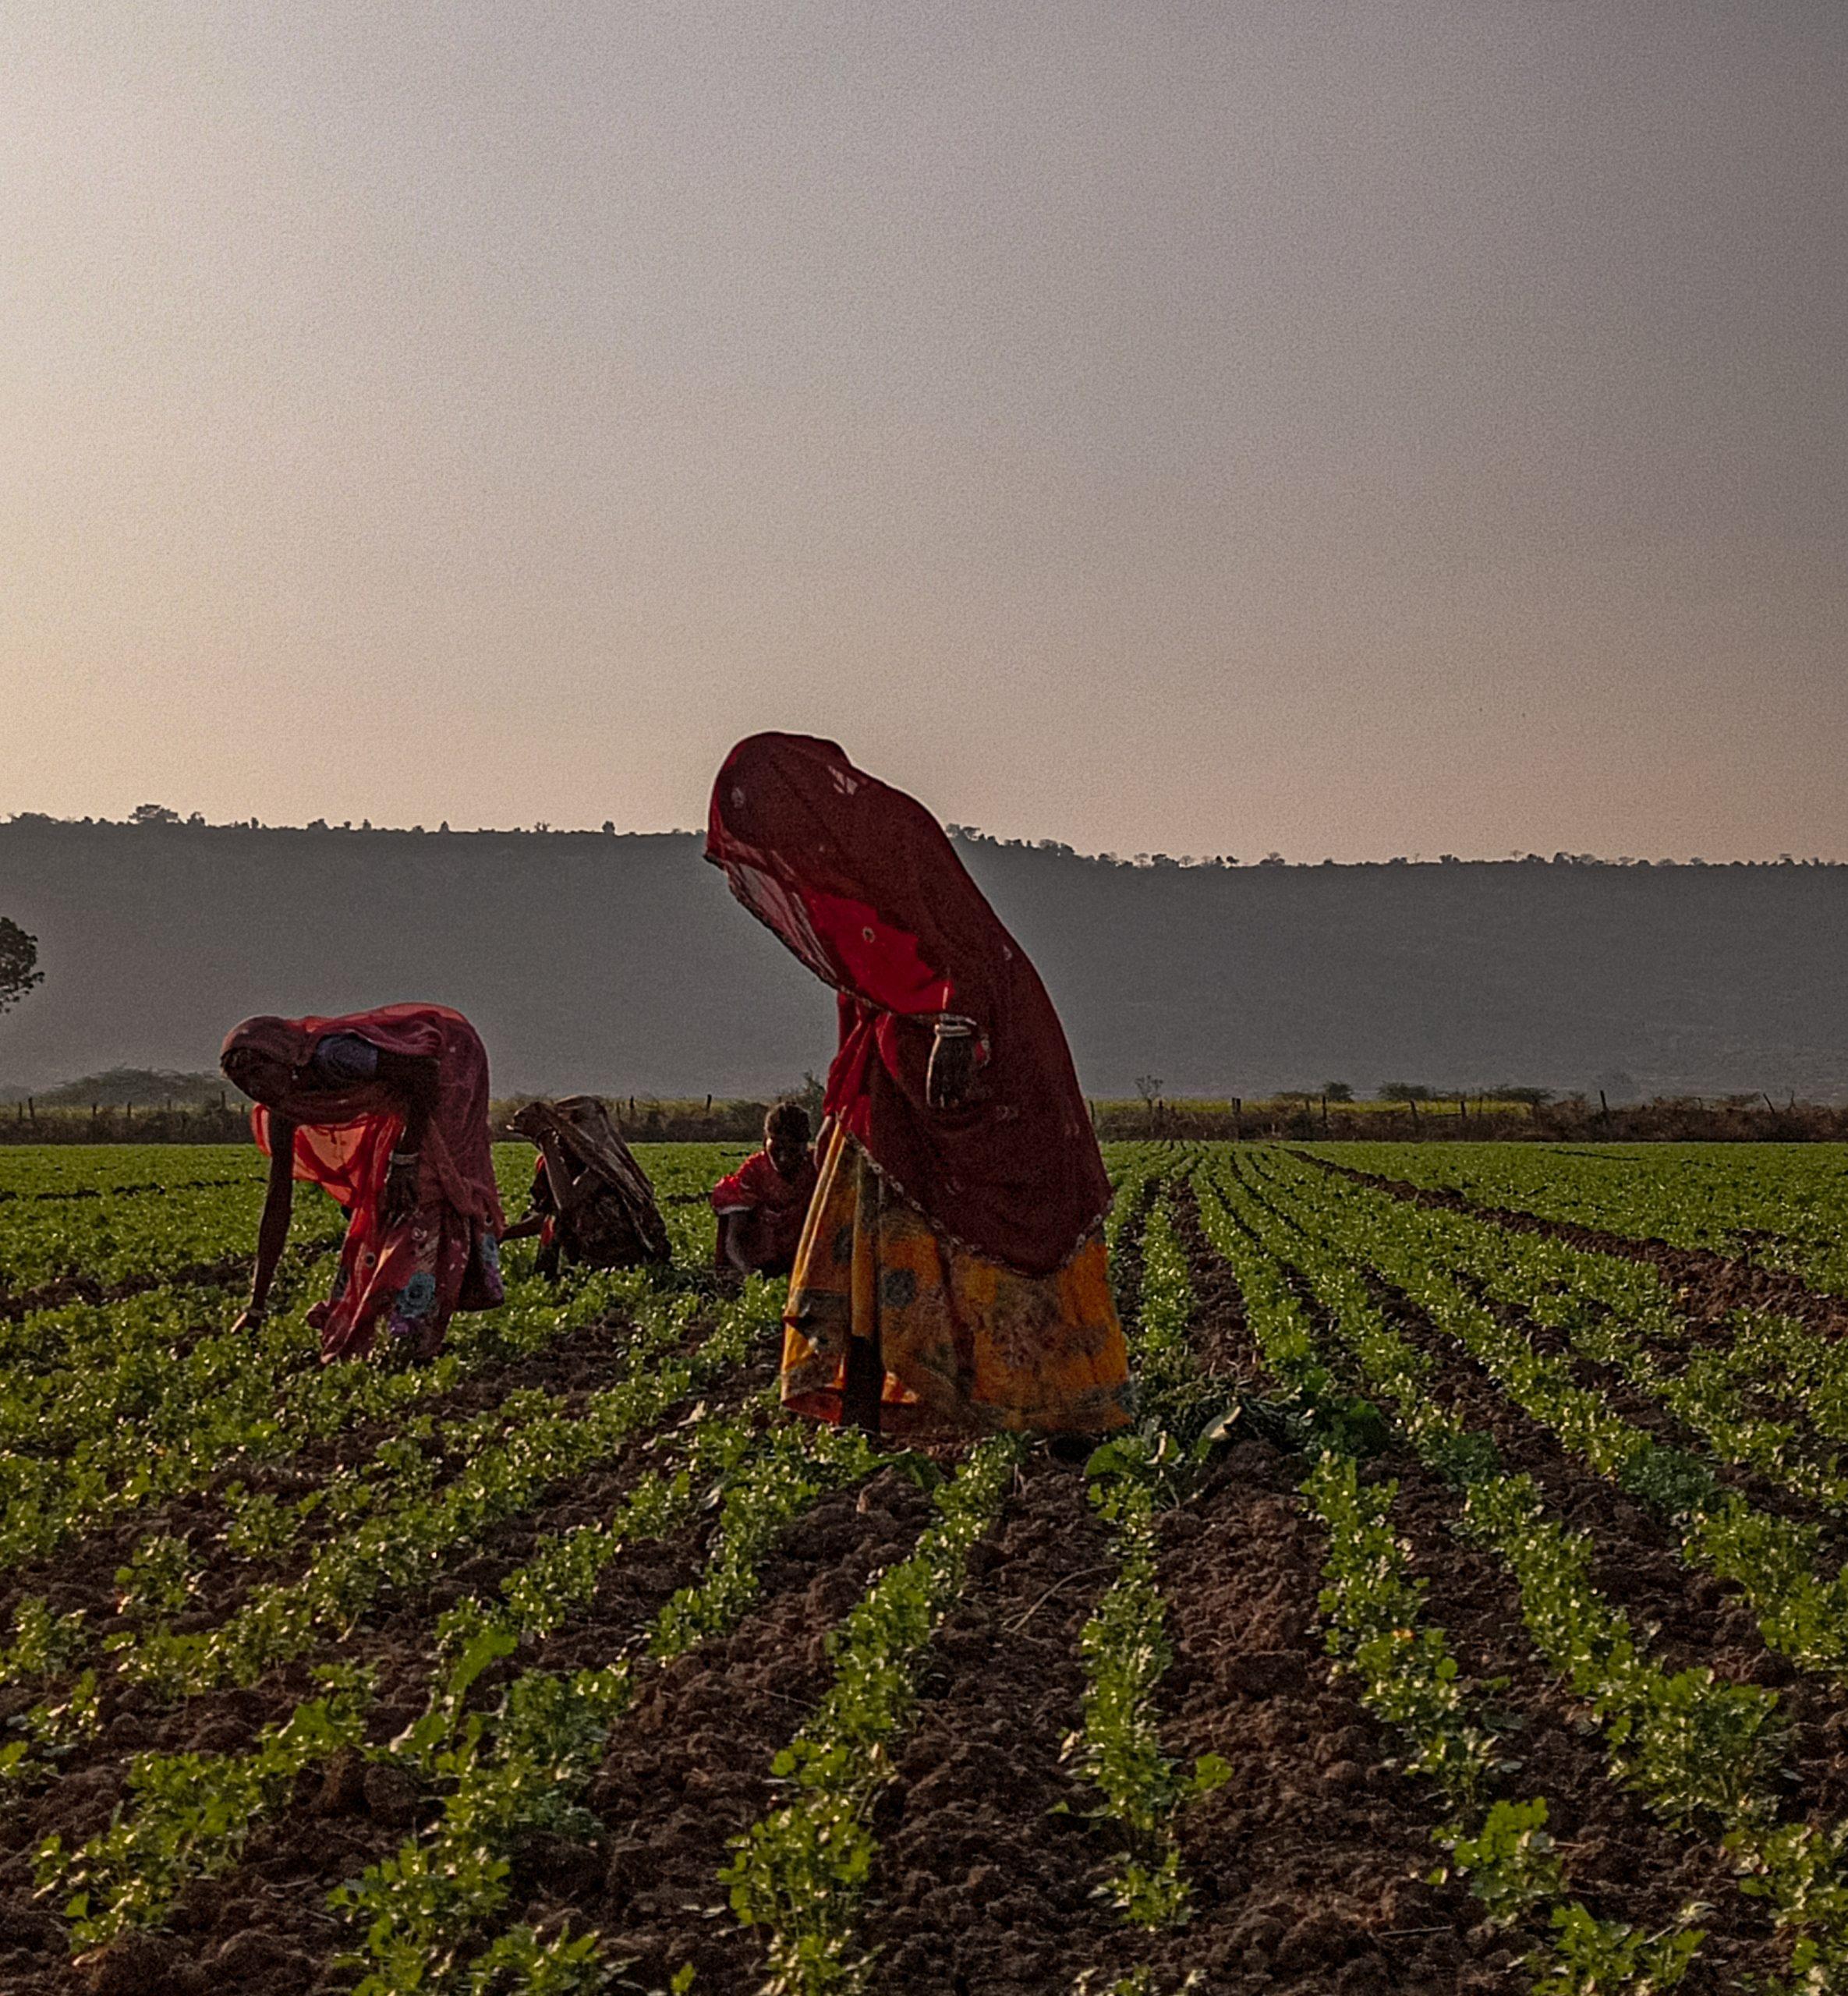 Farmers working in fields